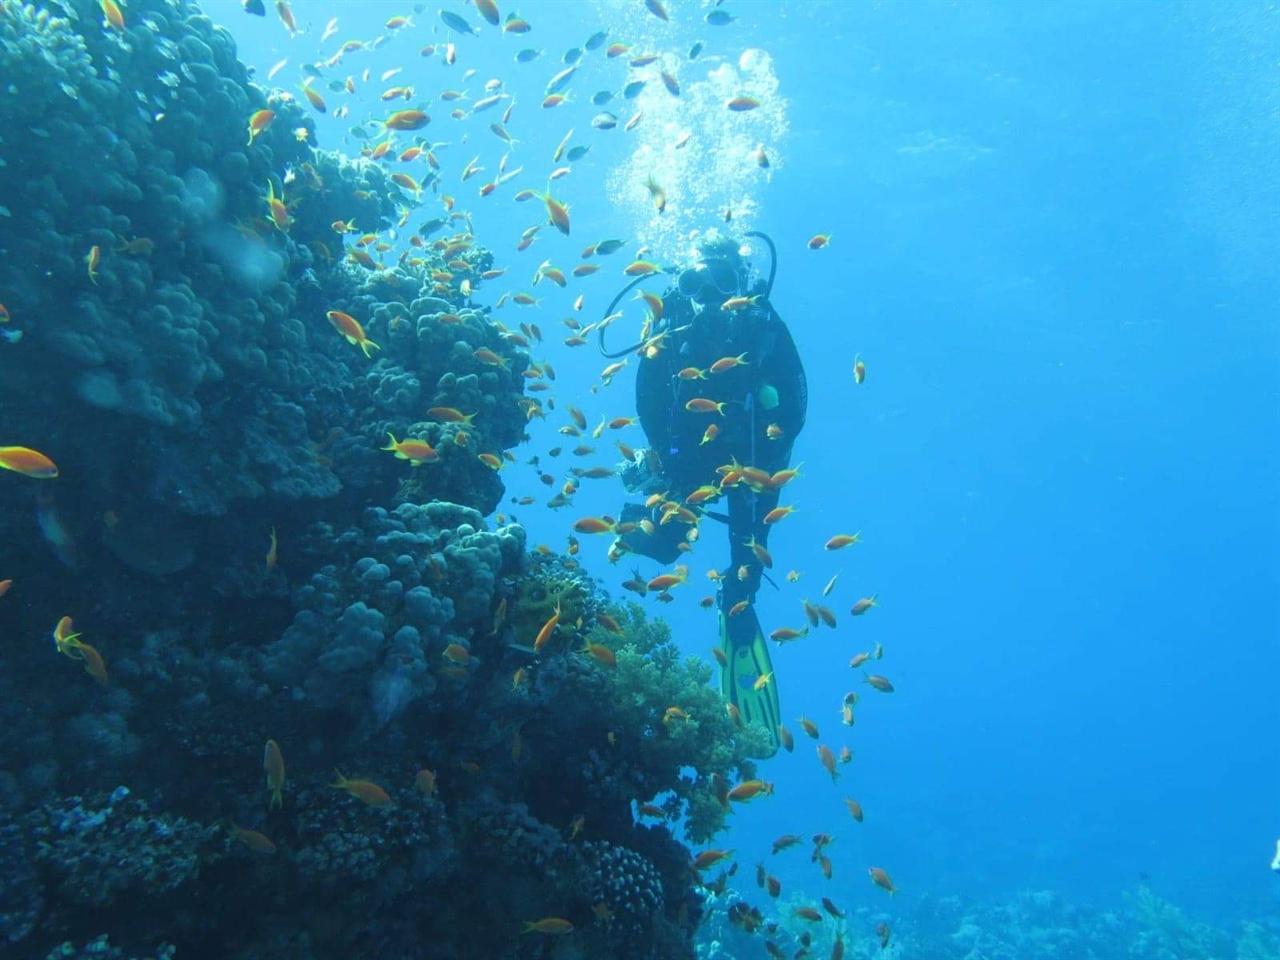 아름다운 다합의 물속.